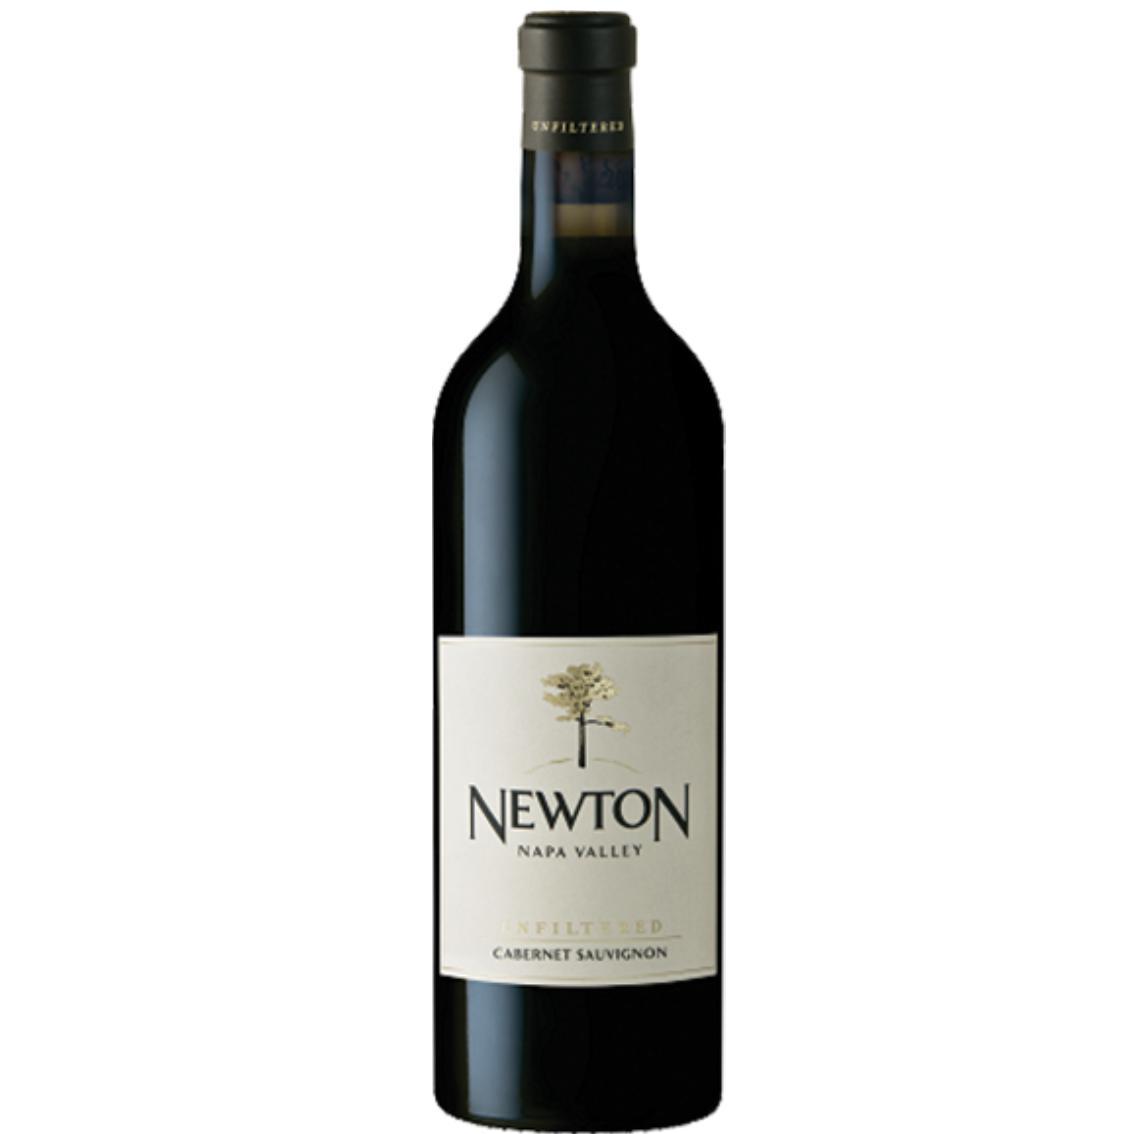 2016 Newton Unfiltered Cabernet Sauvignon - Napa Valley